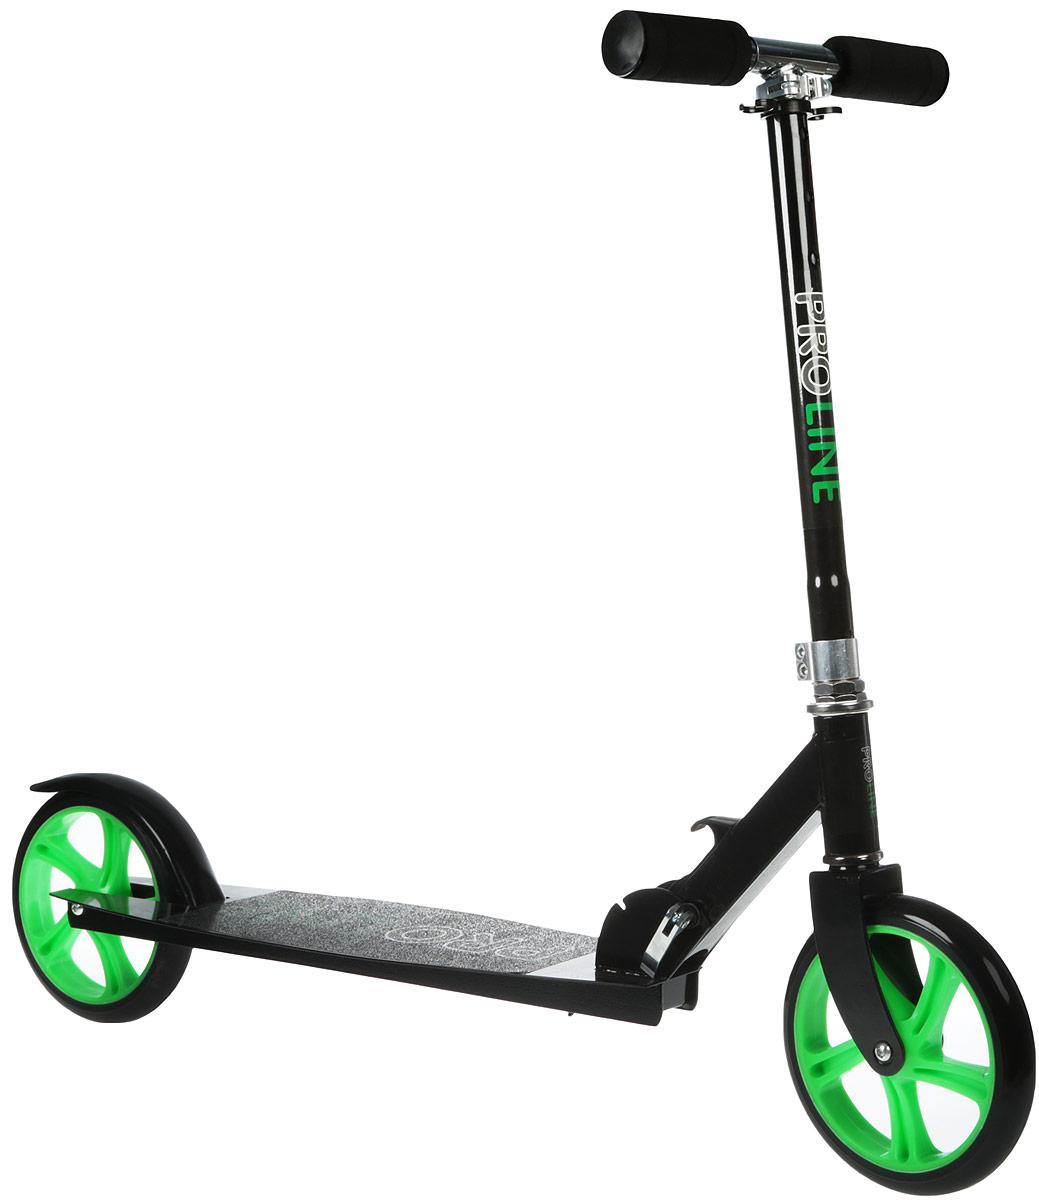 Самокат Proline GT9455, двухколесный, цвет: черно-зеленый1017324Самокат данной серии предназначен для детей от 6 лет. Этот стильный самокат является идеальным вариантом для любителей активного отдыха. Катаясь на самокате можно не только получать приятные эмоции, но и благотворно воздействовать на здоровье и физическое развитие ребенка. На длинной платформе помещаются обе ноги, поэтому хорошо оттолкнувшись, он сможет какое-то время спокойно ехать по инерции. Регулируемый по высоте руль оснащен удобными шероховатыми грипсами, препятствующими соскальзыванию рук. Рама самоката выполнена из металла, полиуретановые колеса с надежными подшипниками имеют высокую степень отскока. Надежный ножной тормоз обеспечит быстрое торможение.Максимальная нагрузка 100 кг.